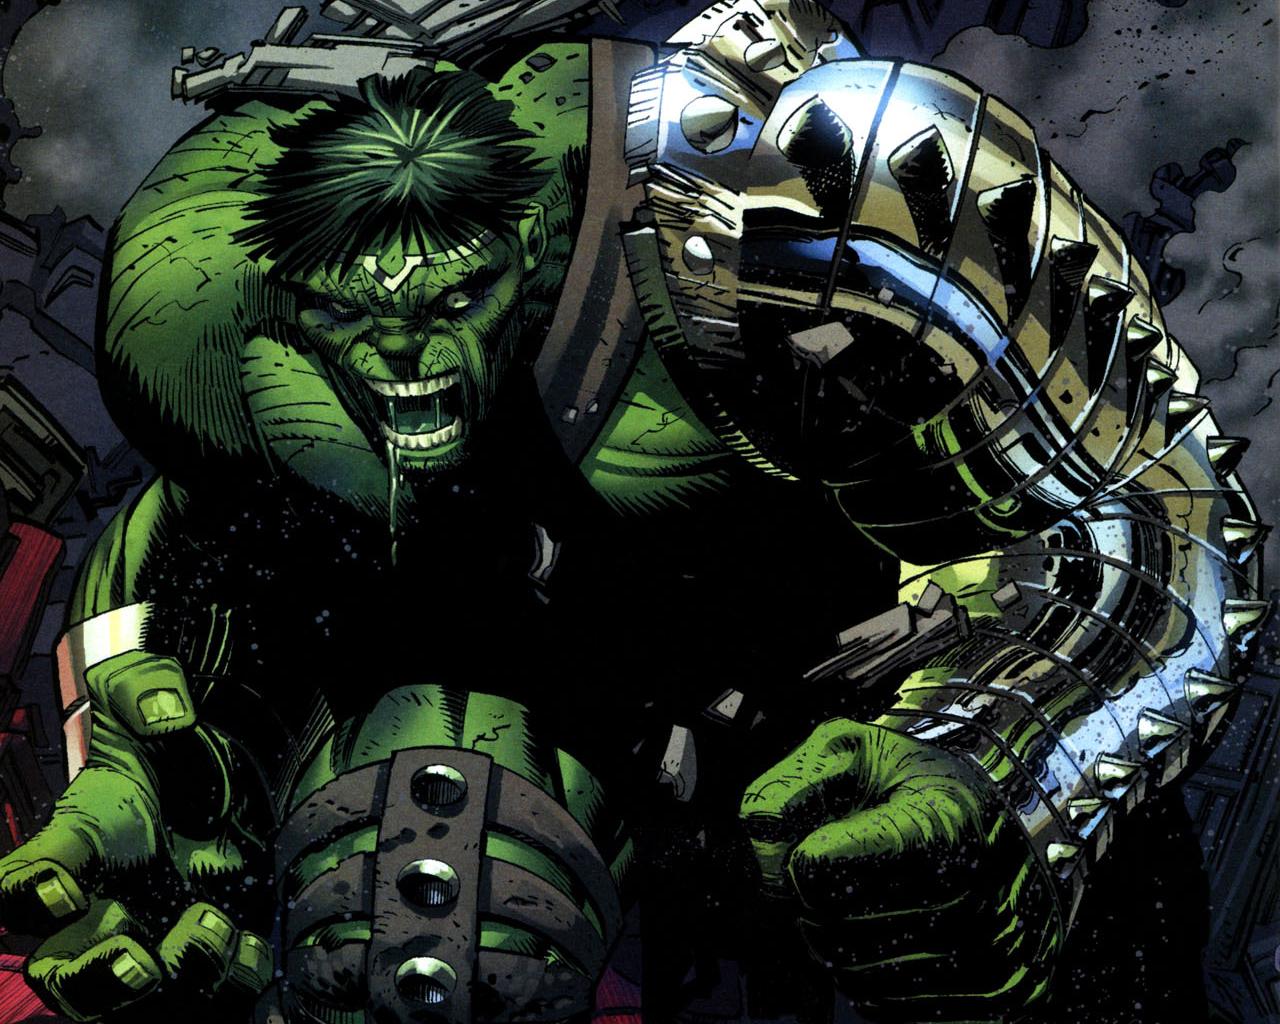 batman vs superman Hulk Wallpaper Android Images 1280x1024